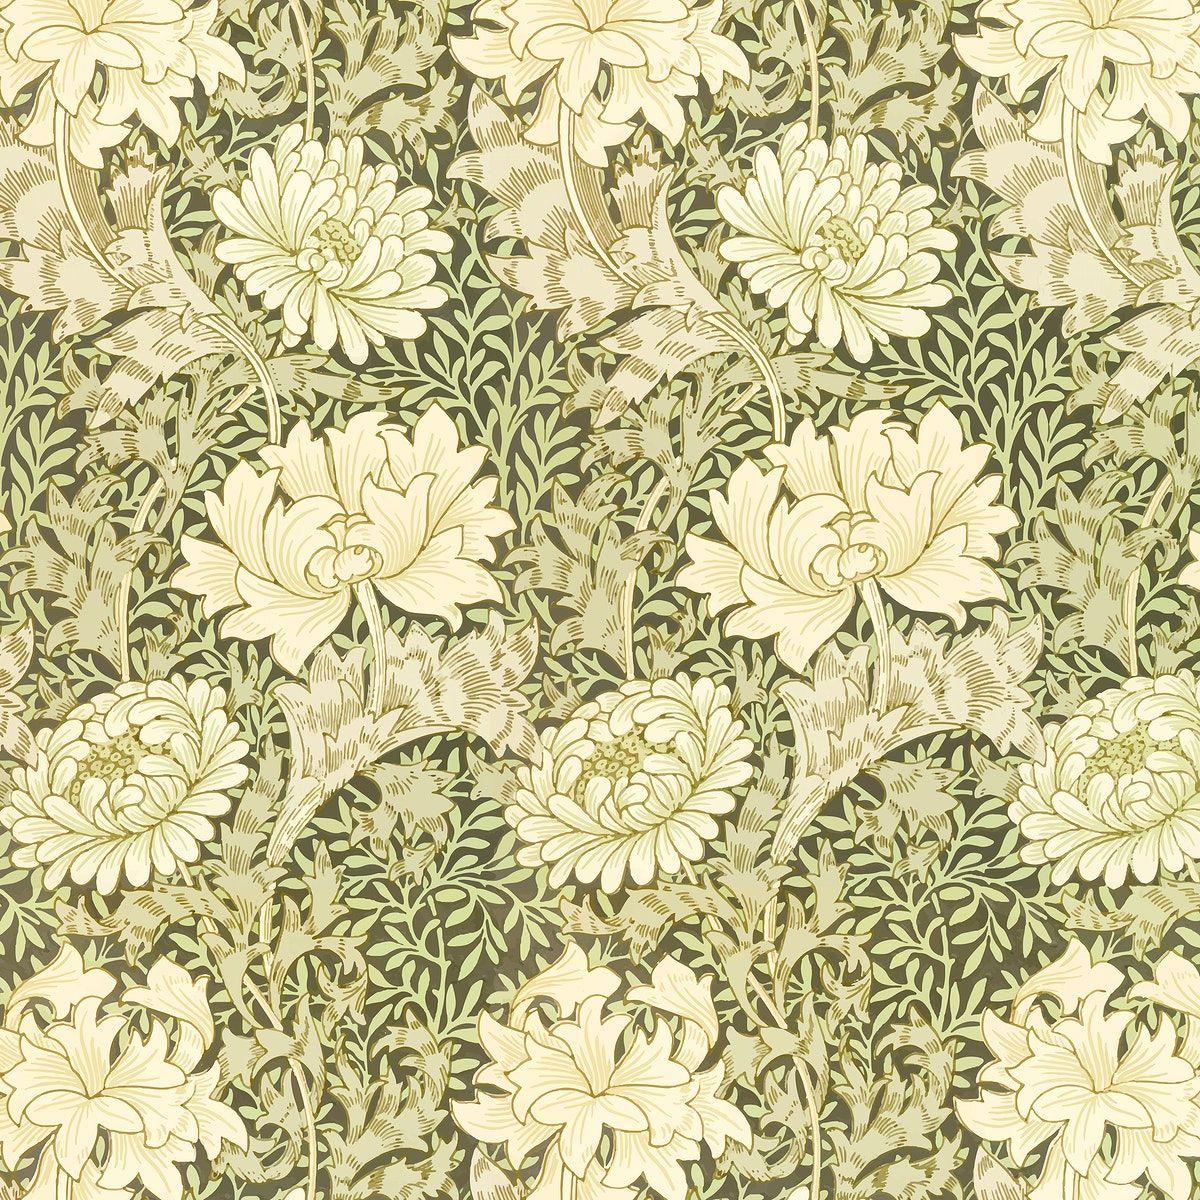 Download Premium Vector Of Vintage Chrysanthemum Flower Pattern Vector In 2020 William Morris Chrysanthemum Flower Free Illustrations